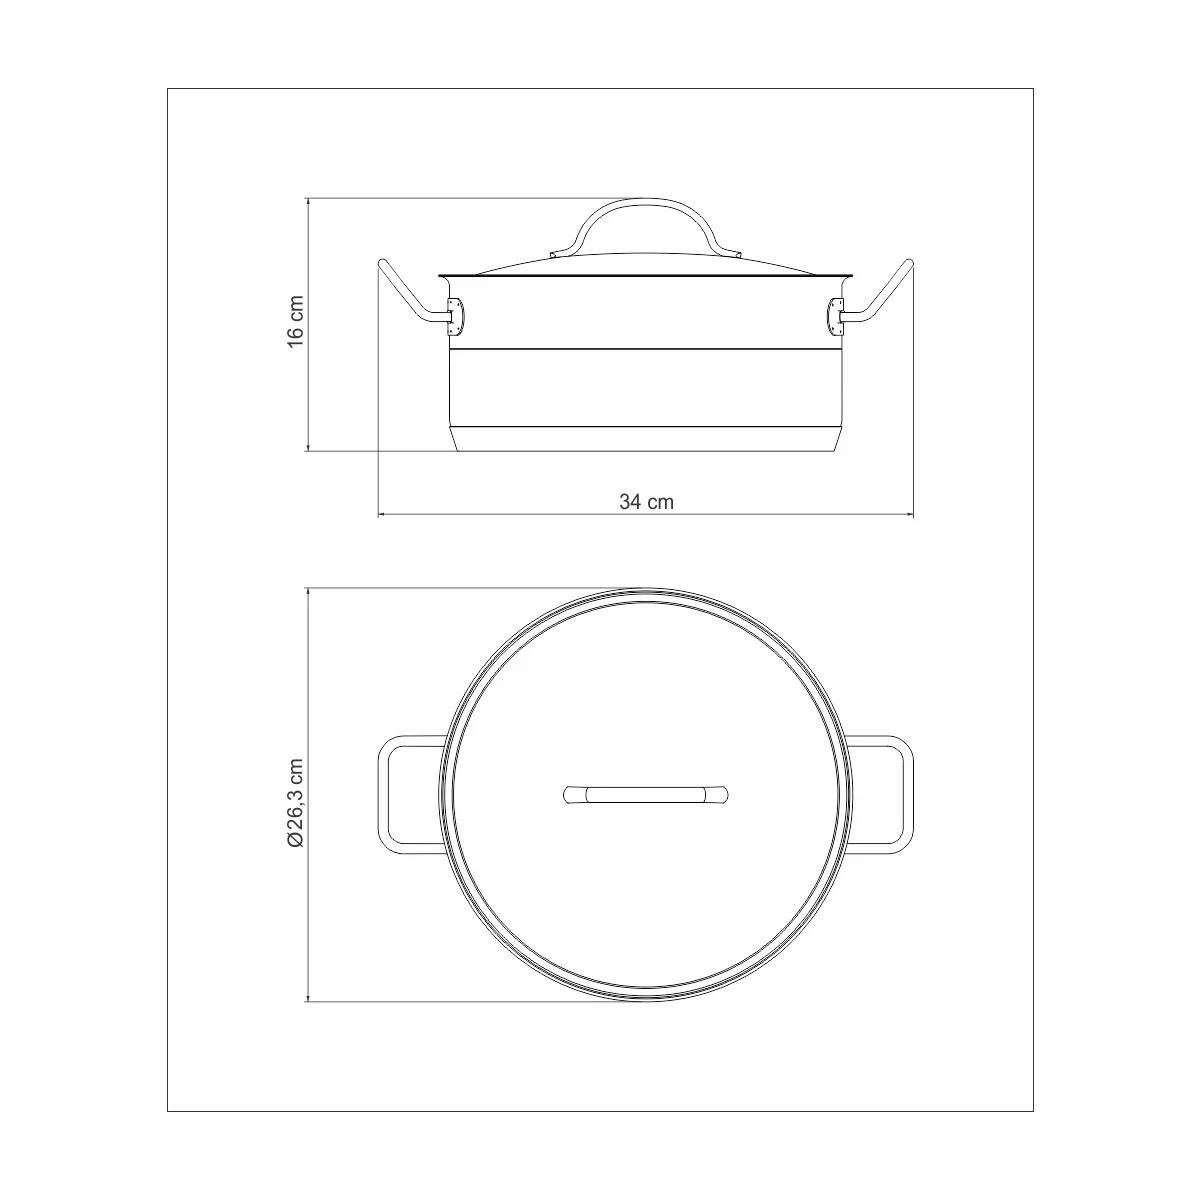 Caçarola Rasa Aço Inox Professional 24cm  - Sua Casa Gourmet e Cia